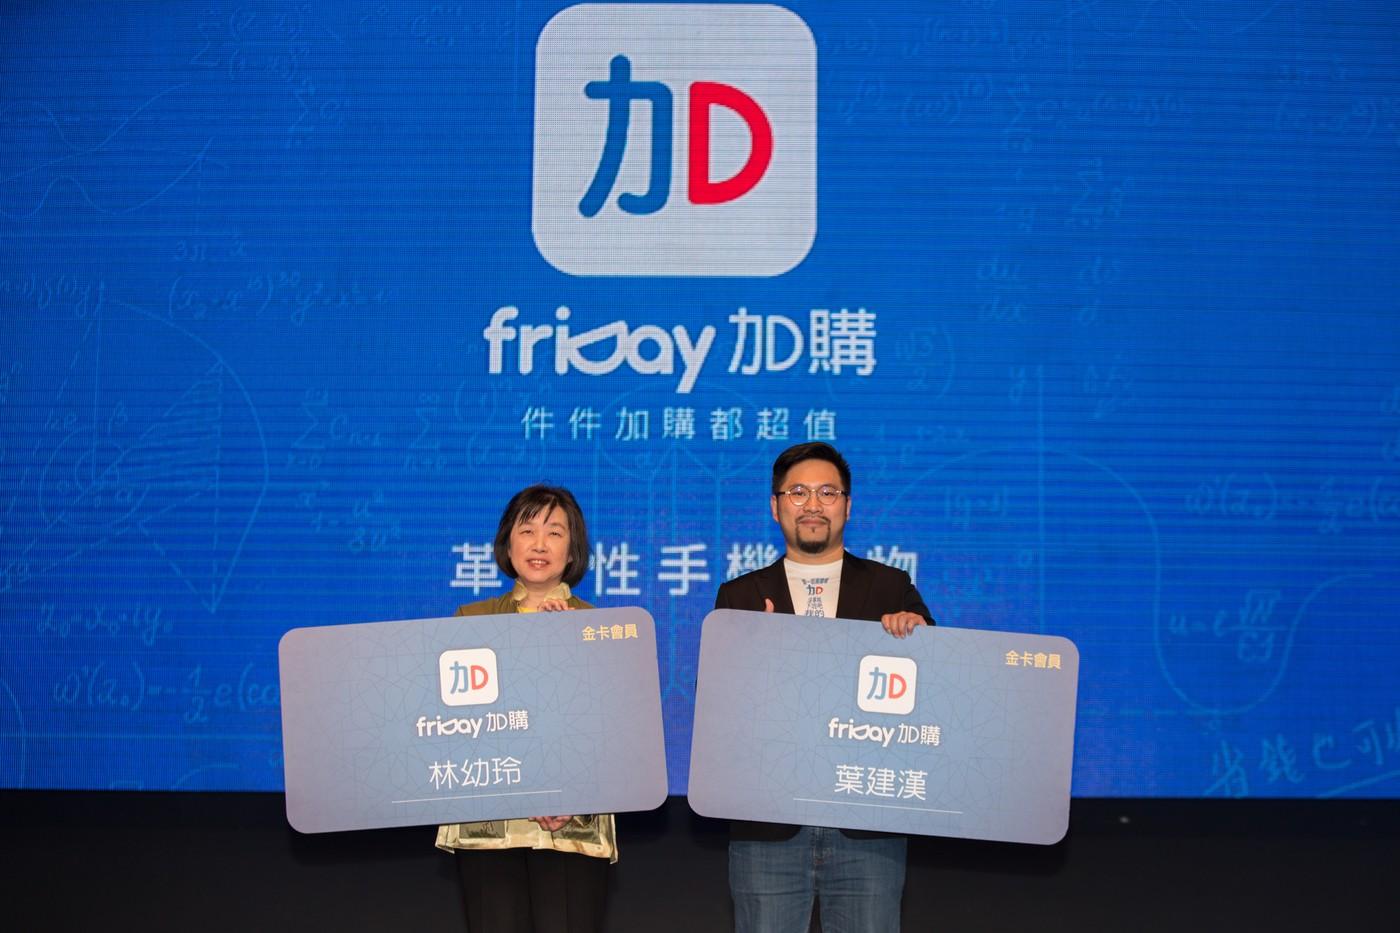 行動版Costco!時間軸科技新網購平台「friDay加購」上線